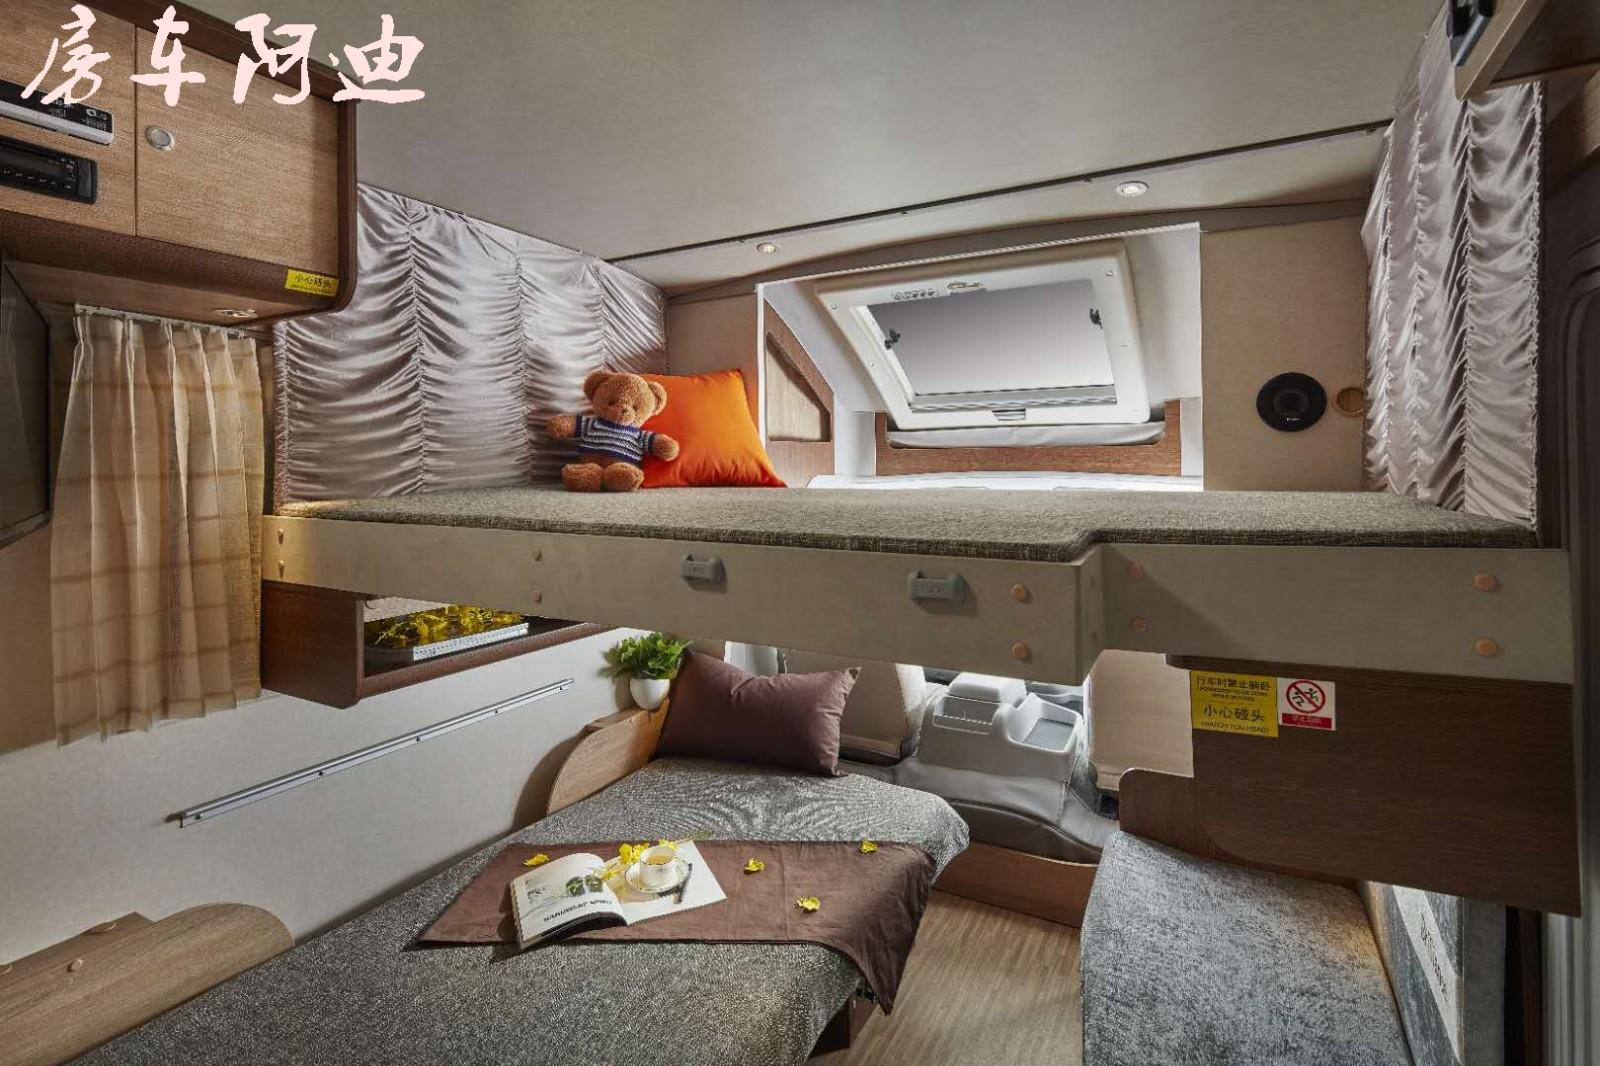 华晨金杯大海狮房车,采用了丰田霸道的动力总成,动力强劲……